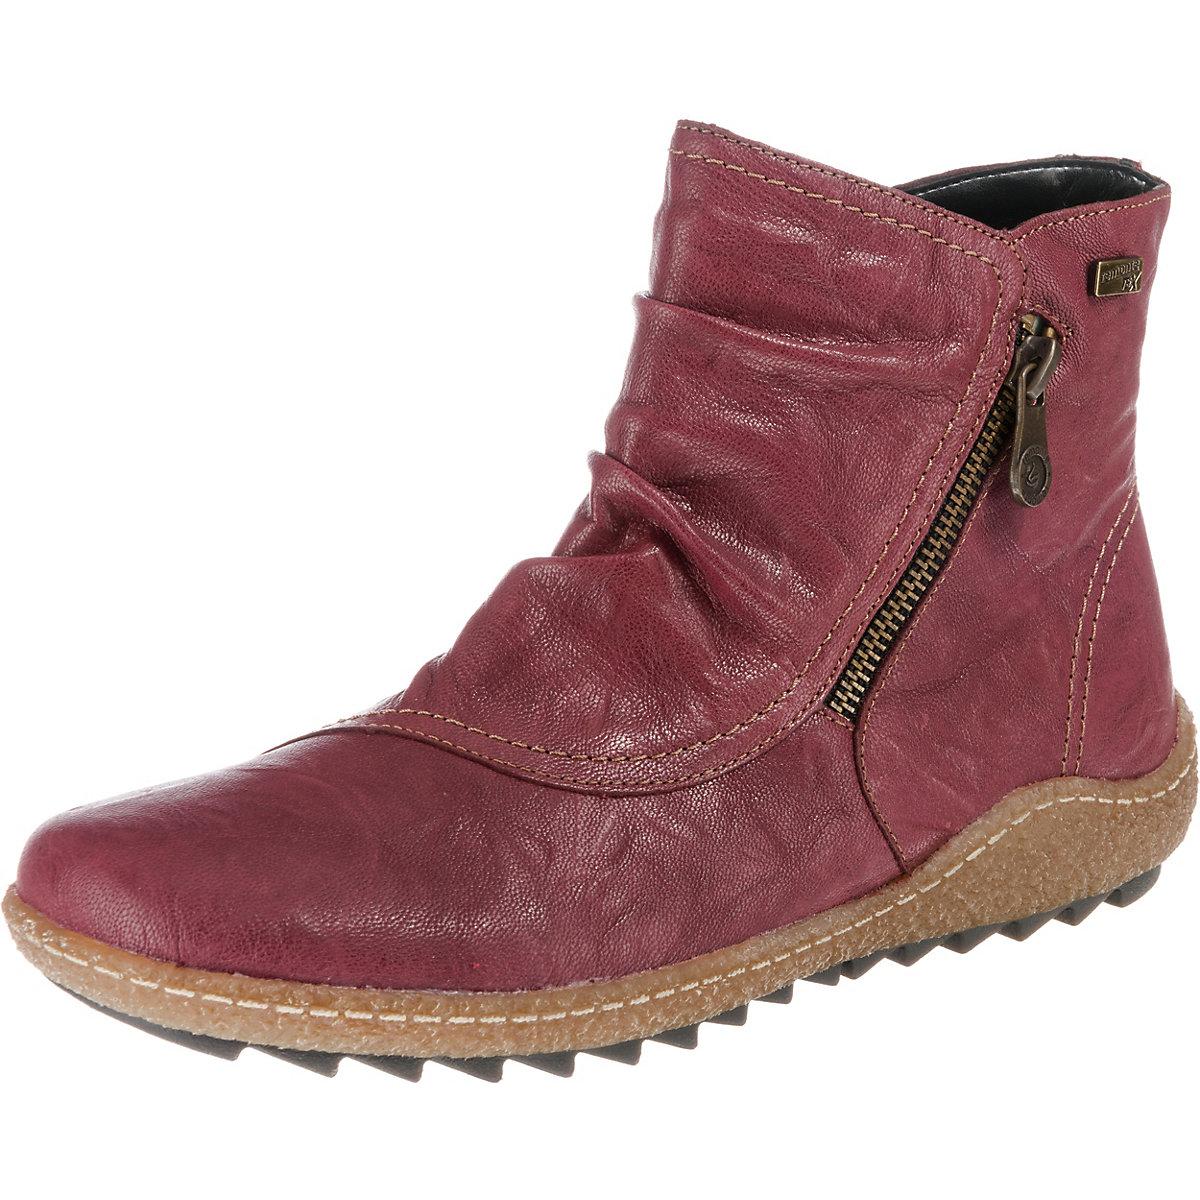 Remonte, Klassische Stiefeletten, bordeaux  Gute Qualität beliebte Schuhe